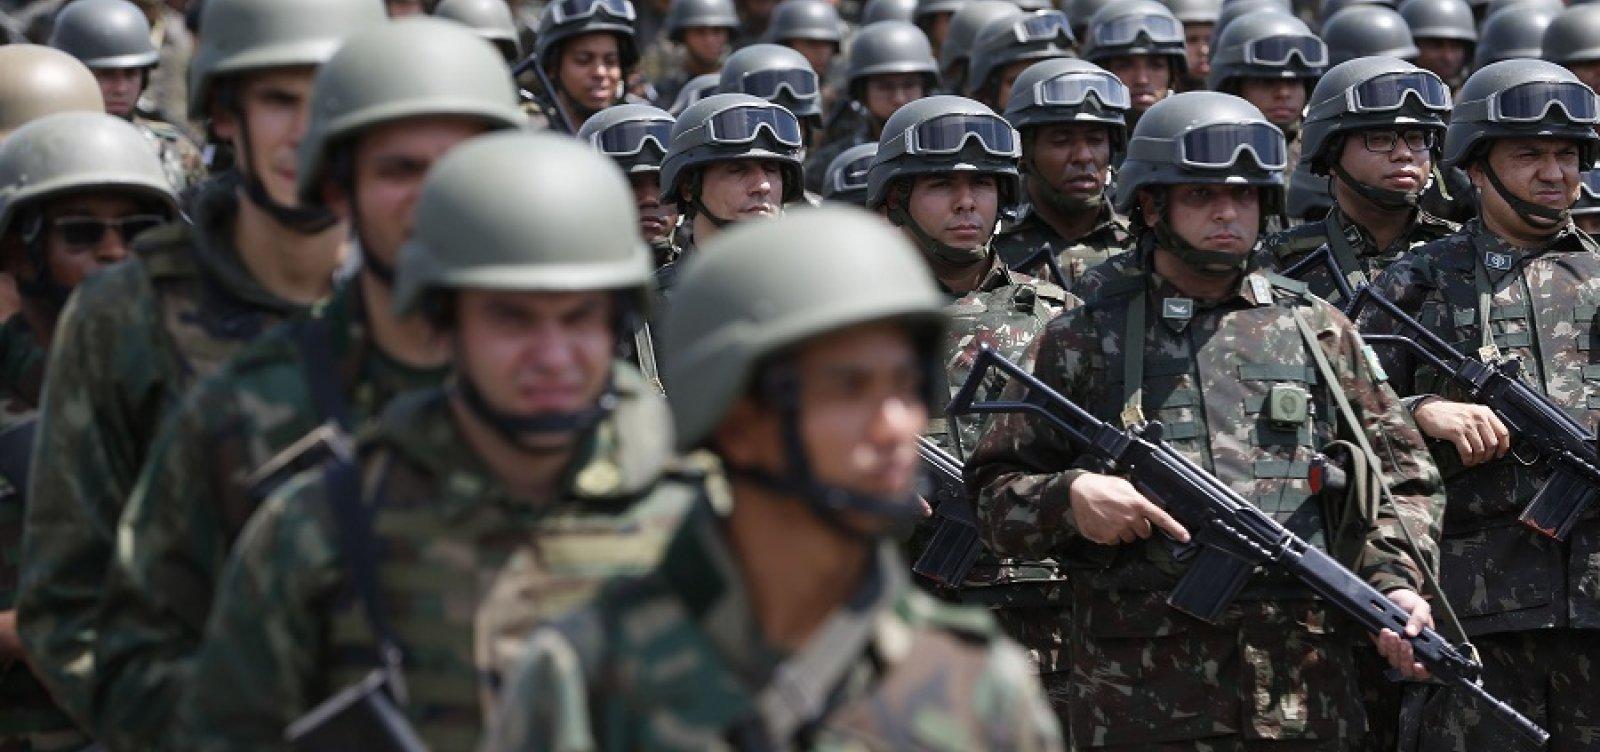 Proposta de militares eleva custo da categoria em R$ 10 bi em uma década